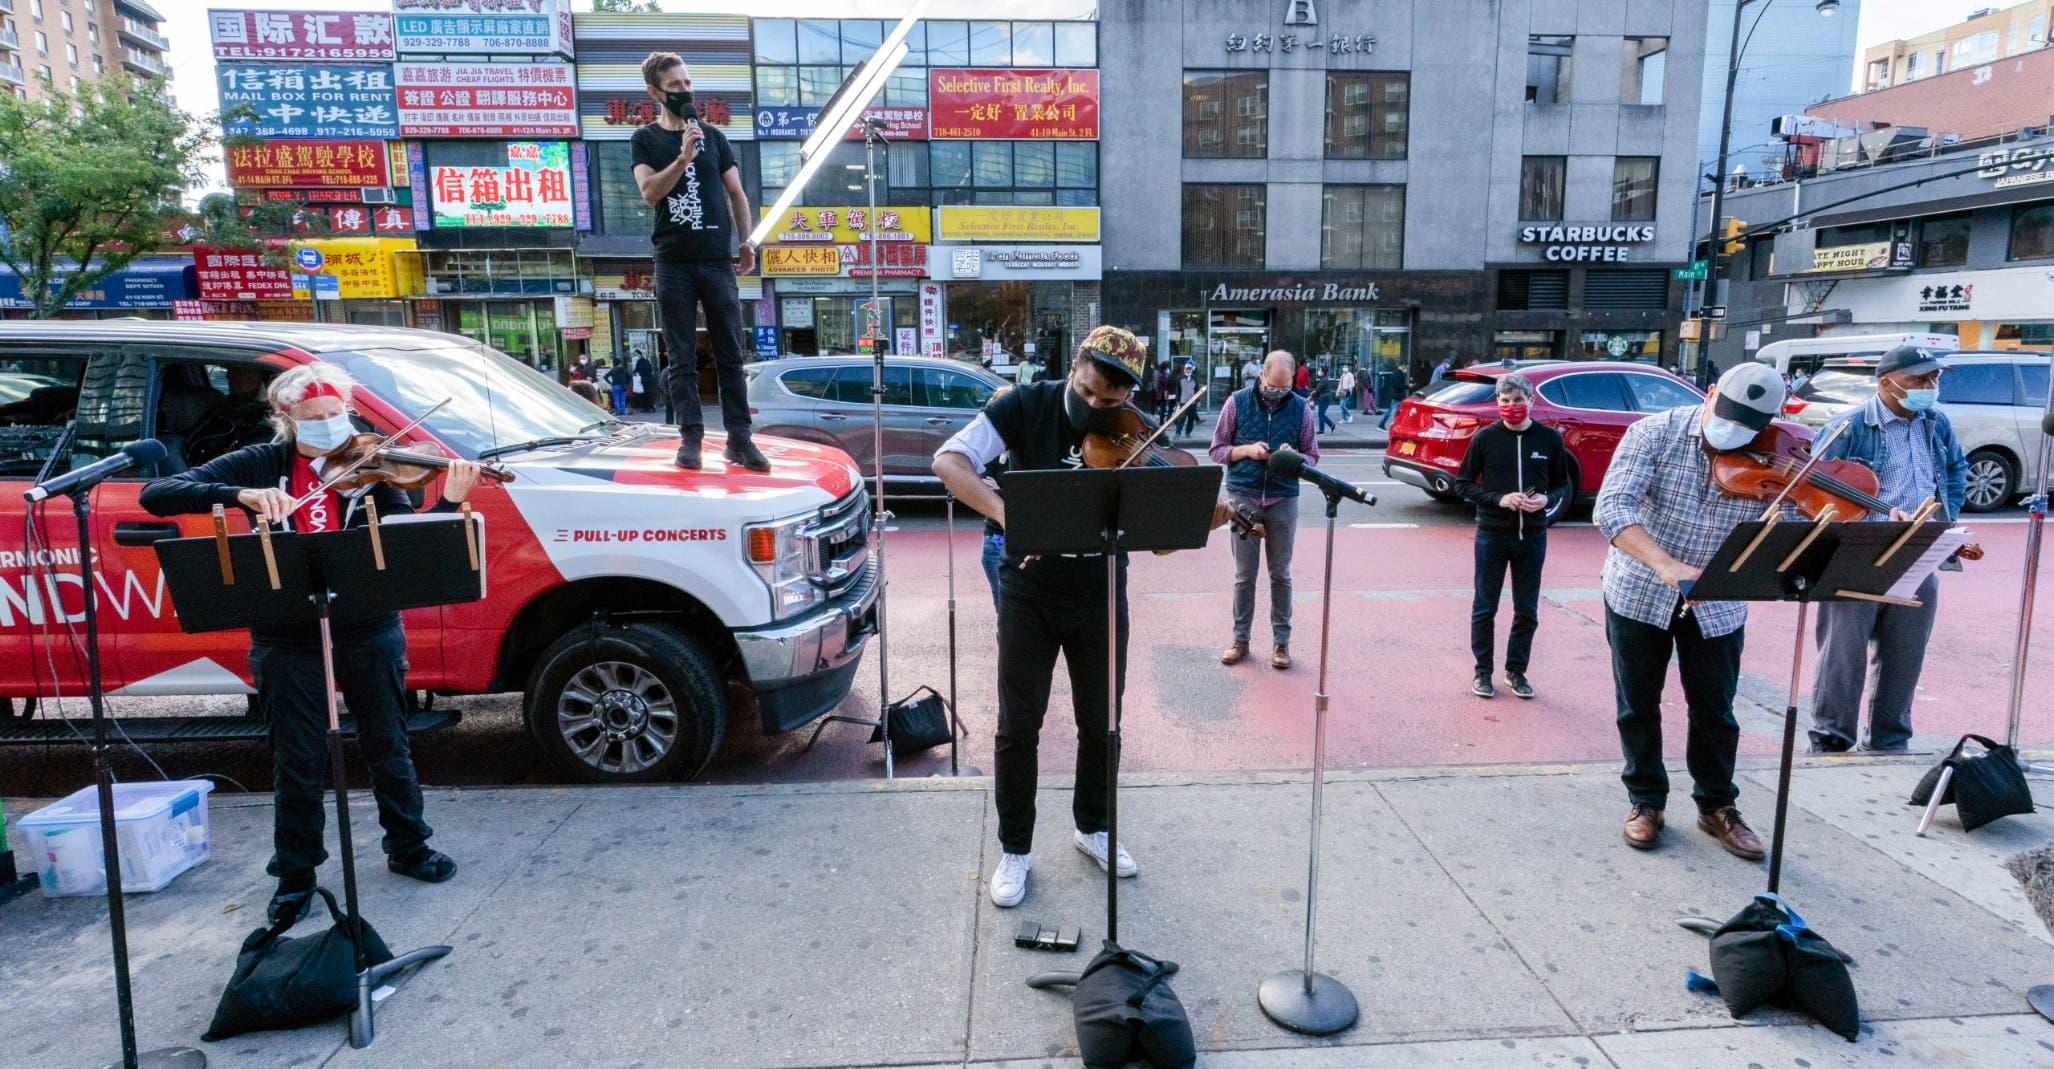 Filarmónica de NY sale a la calle a dar conciertos